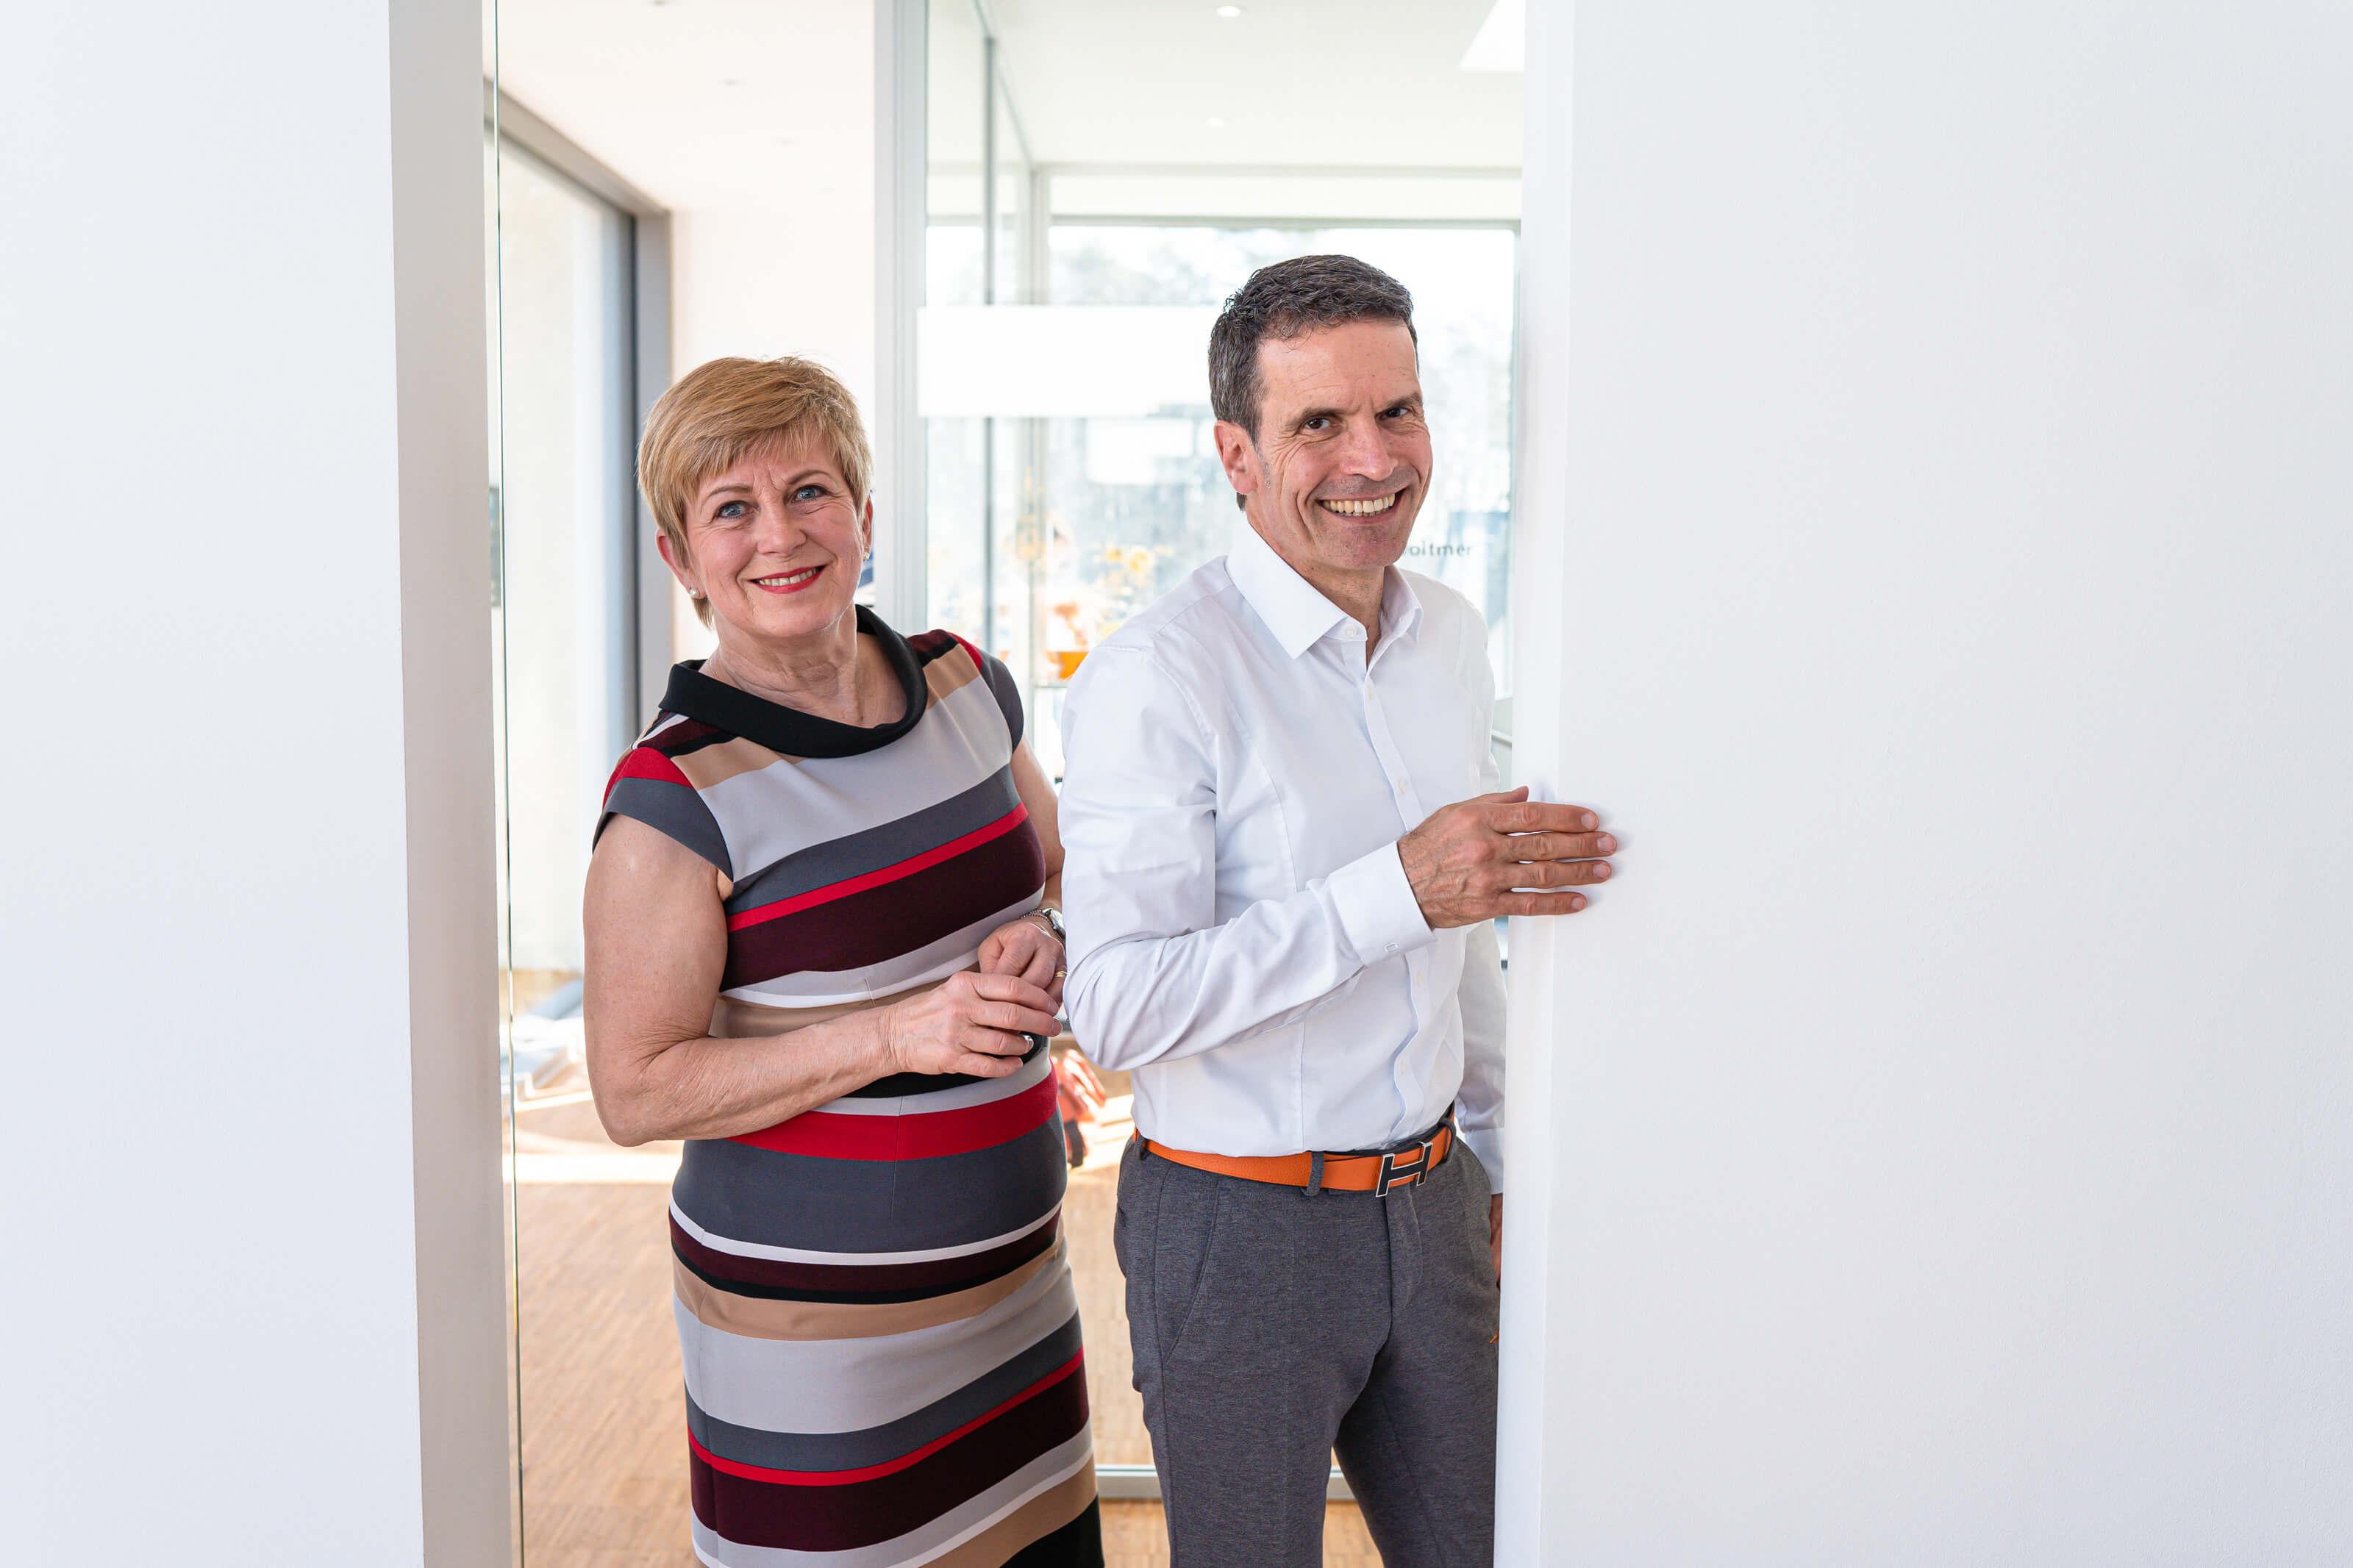 Birgit und Michael Voltmer blicken durch einen Türrahmen in die Kamera.